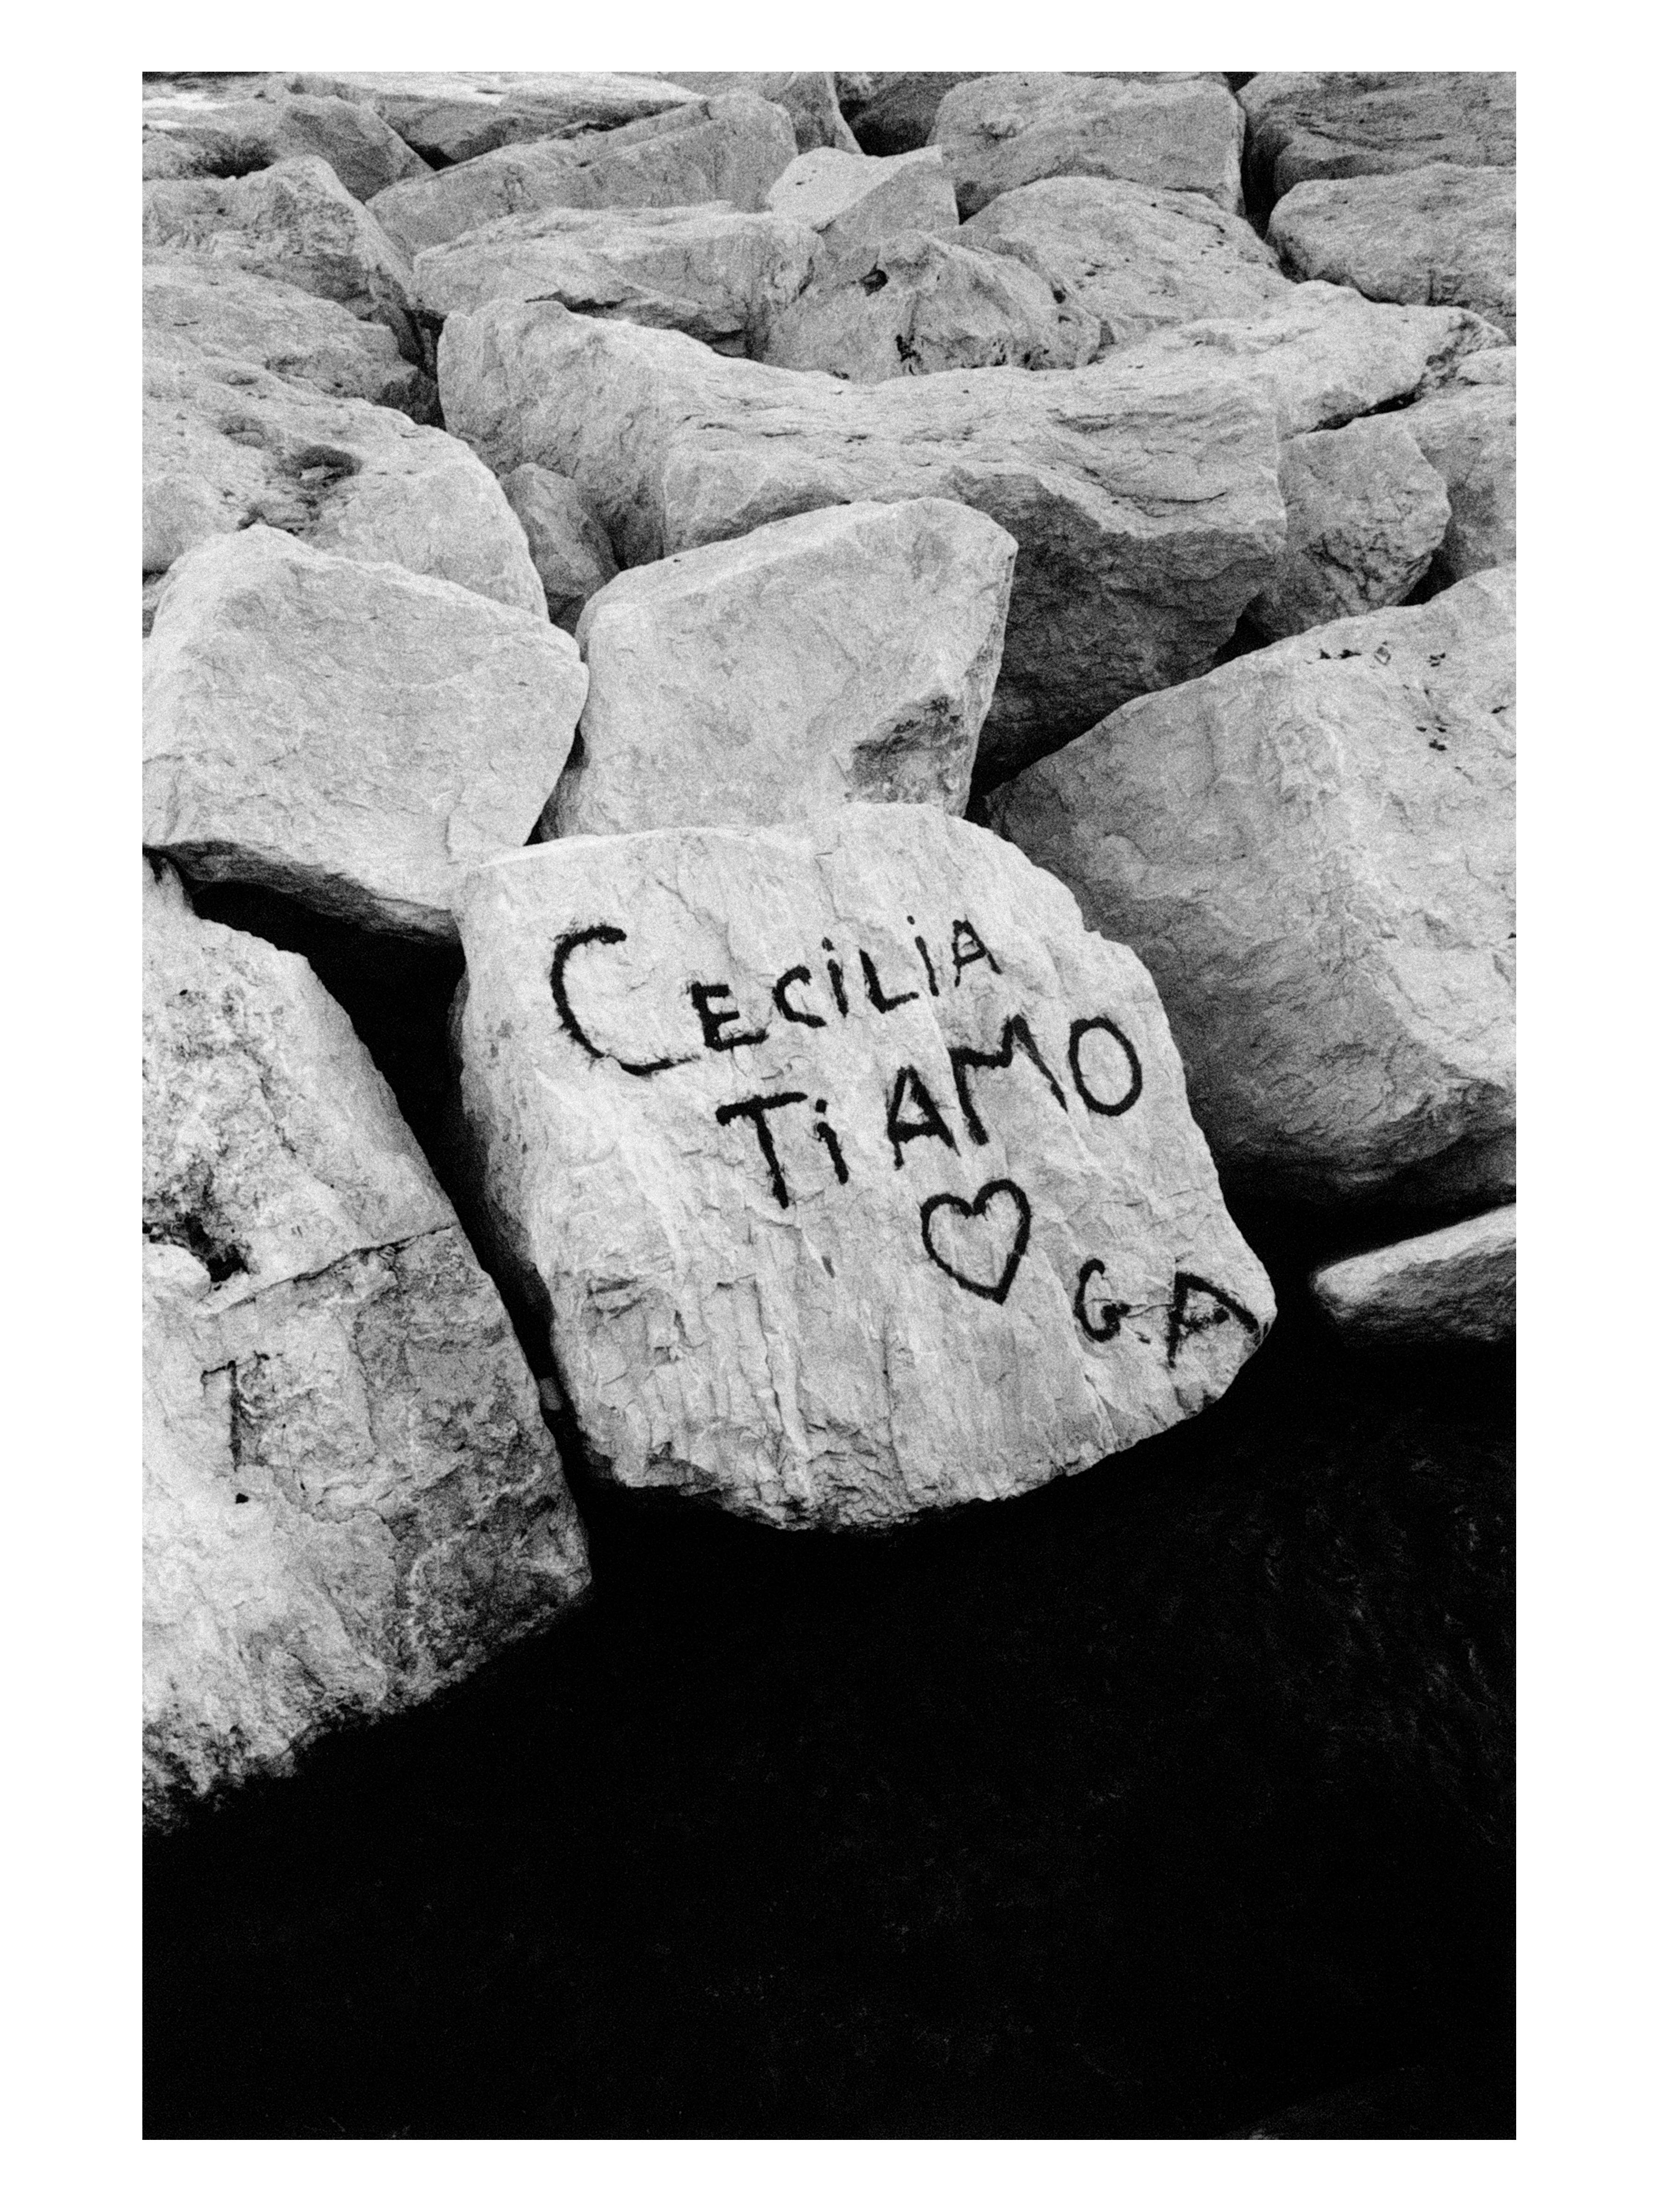 Claude Nori, Napoli, 1982, Photographie tirage lambda sur papier baryté, 30 x 40 cm © Claude Nori, Courtesy Polka Galerie Paris France